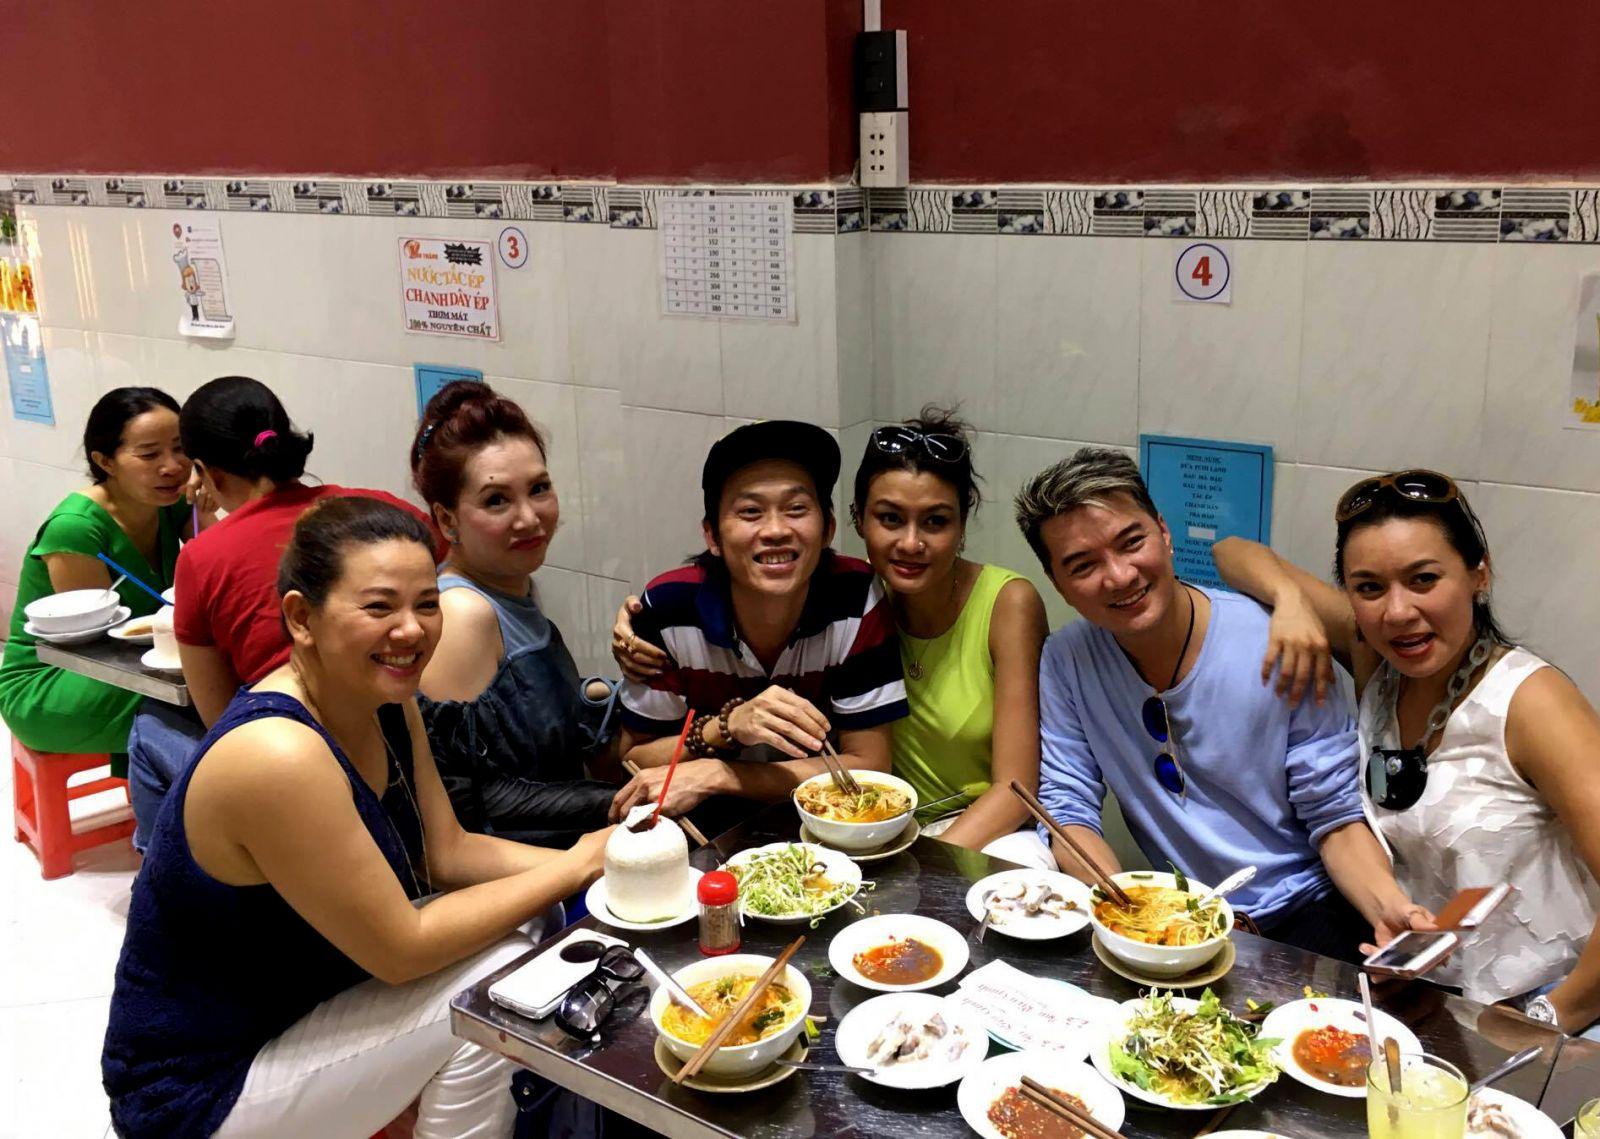 Tới trung tâm Sài Gòn, ghé quán vỉa hè nào ăn ngon?